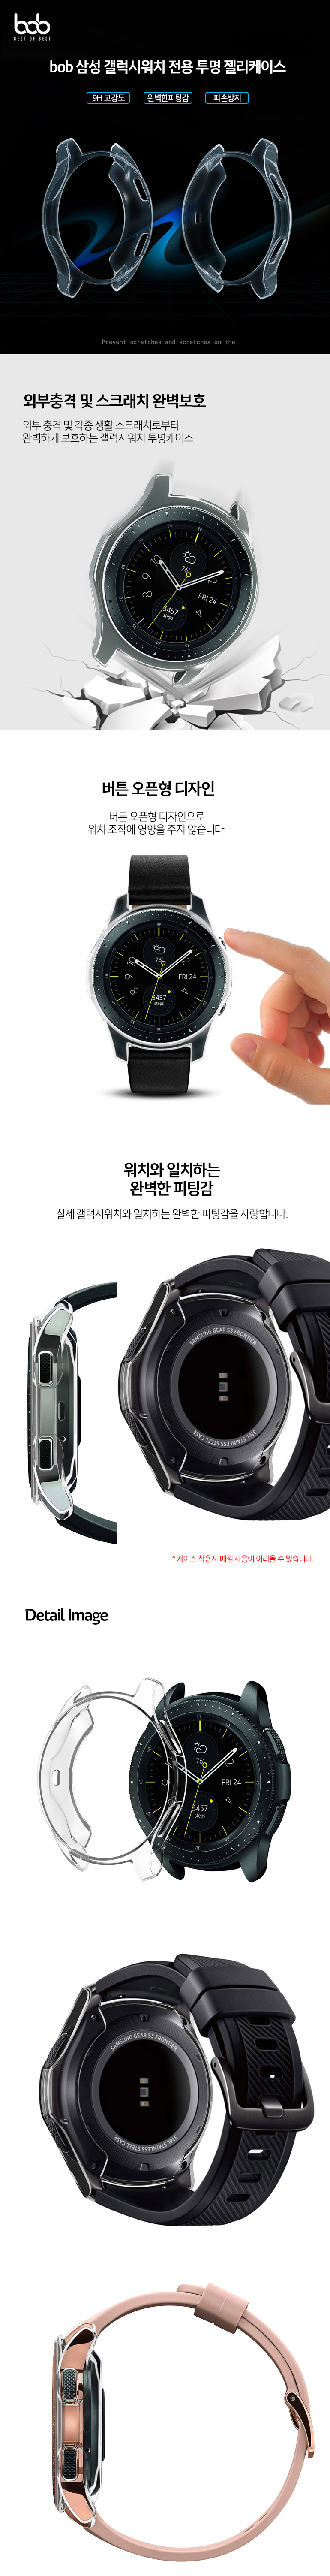 bob 갤럭시워치 전용 투명 범퍼 젤리케이스 42mm 46mm - 비오비, 5,900원, 스마트워치/밴드, 스마트워치 밴드